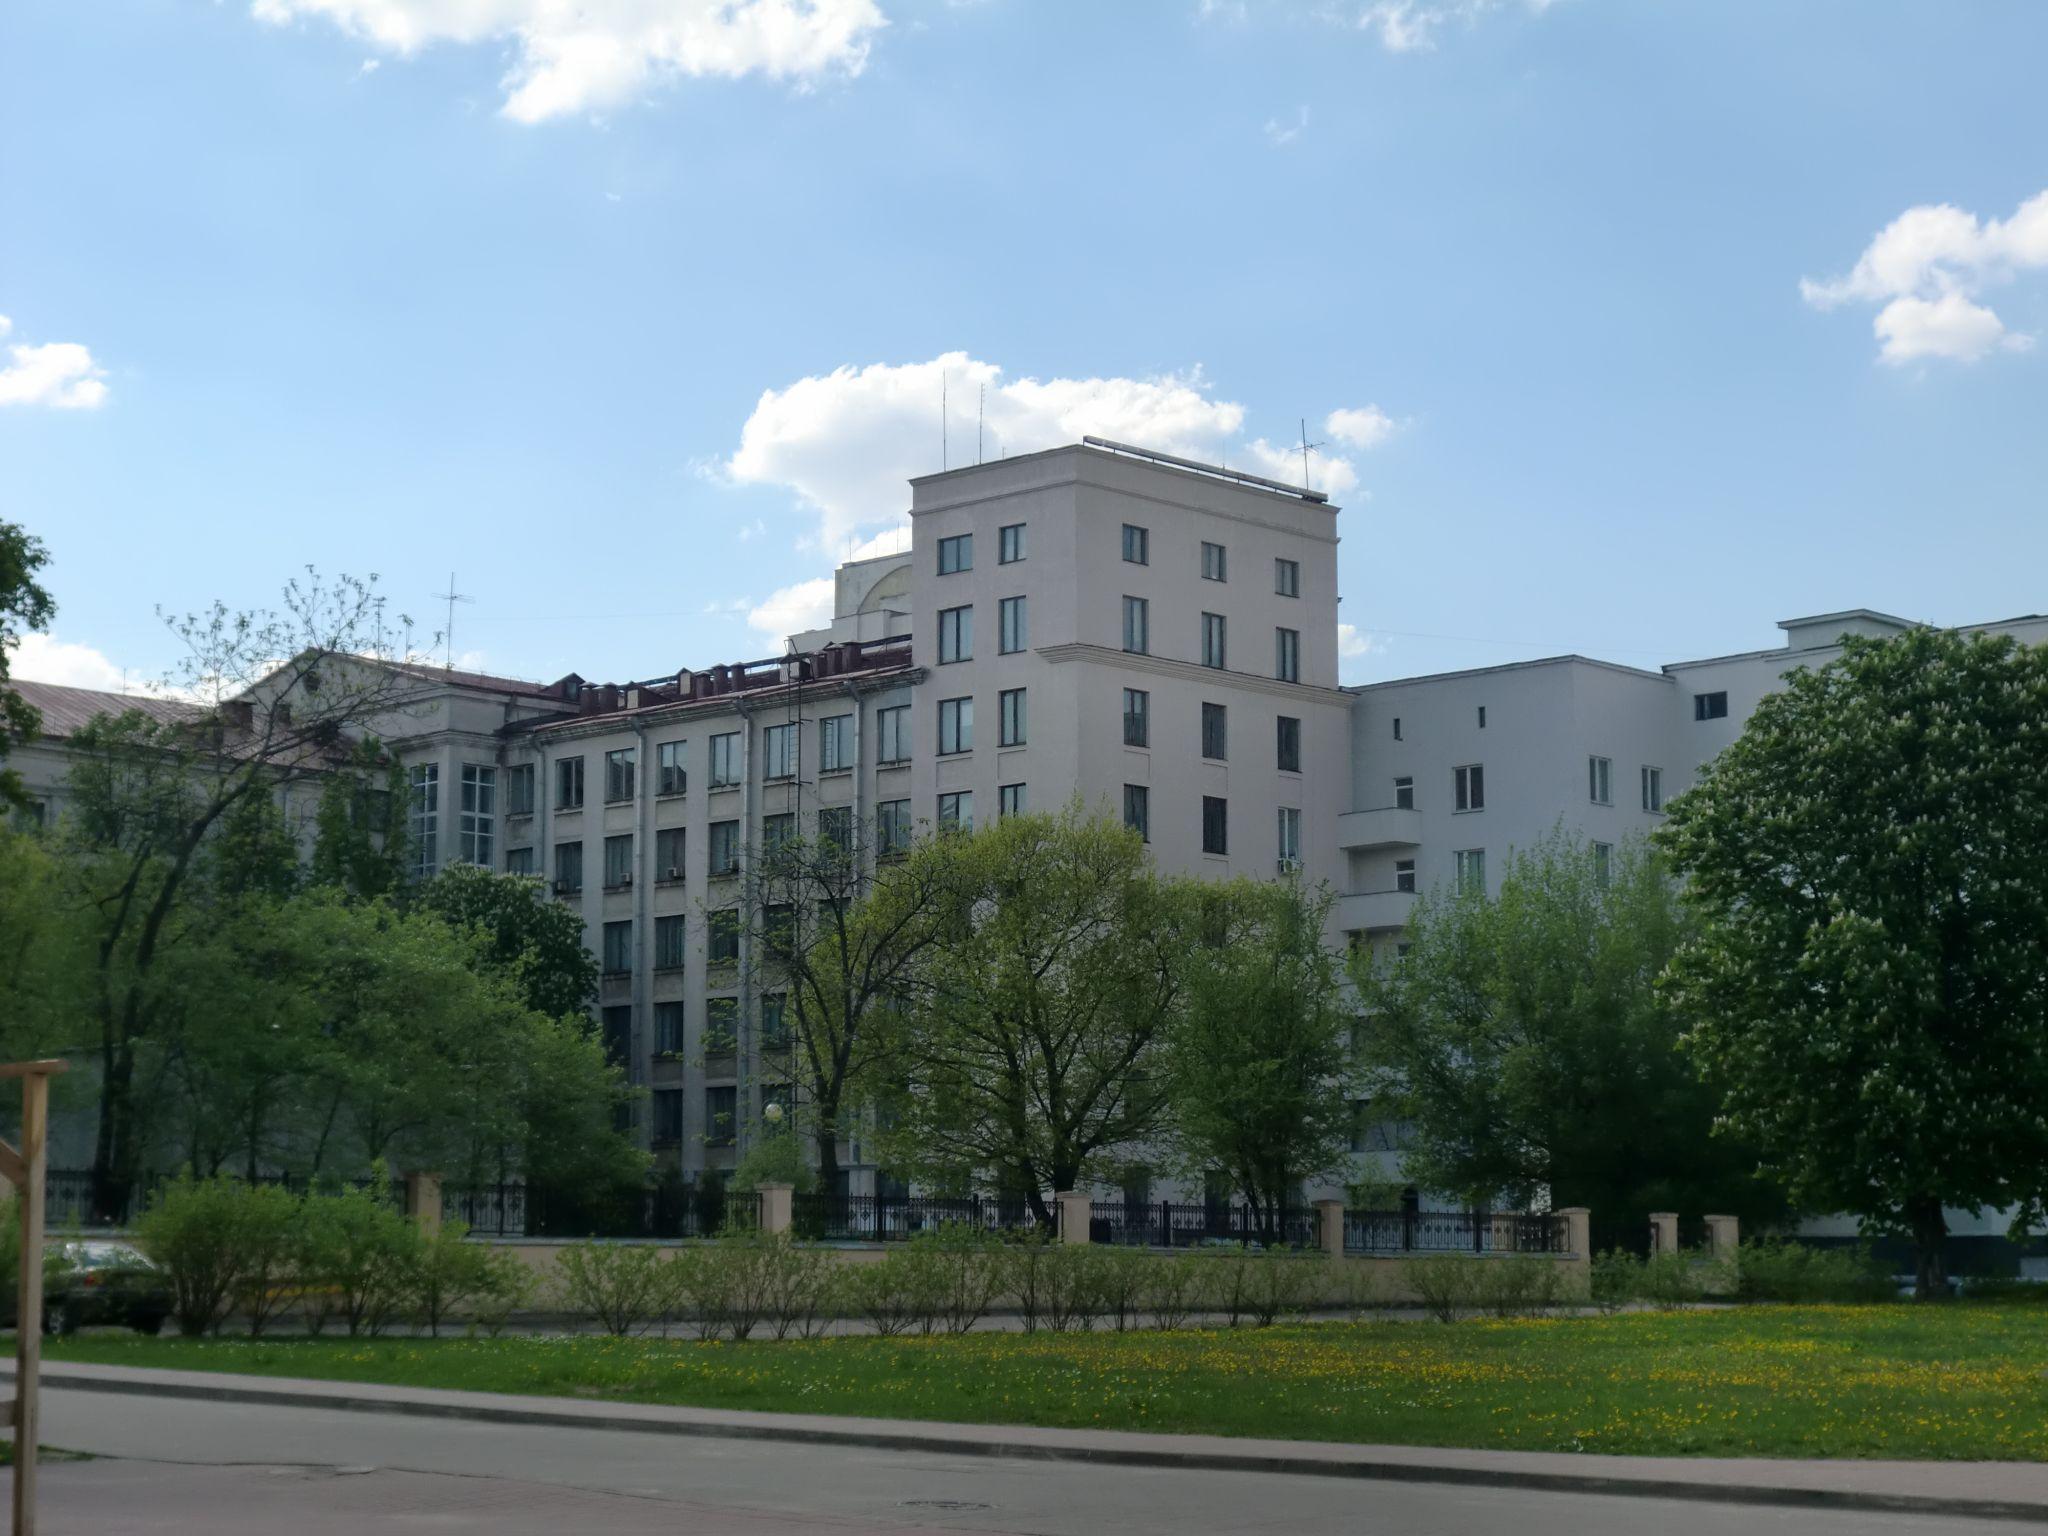 Minsk university 1 - Minsk, 1 amazing city you have to see